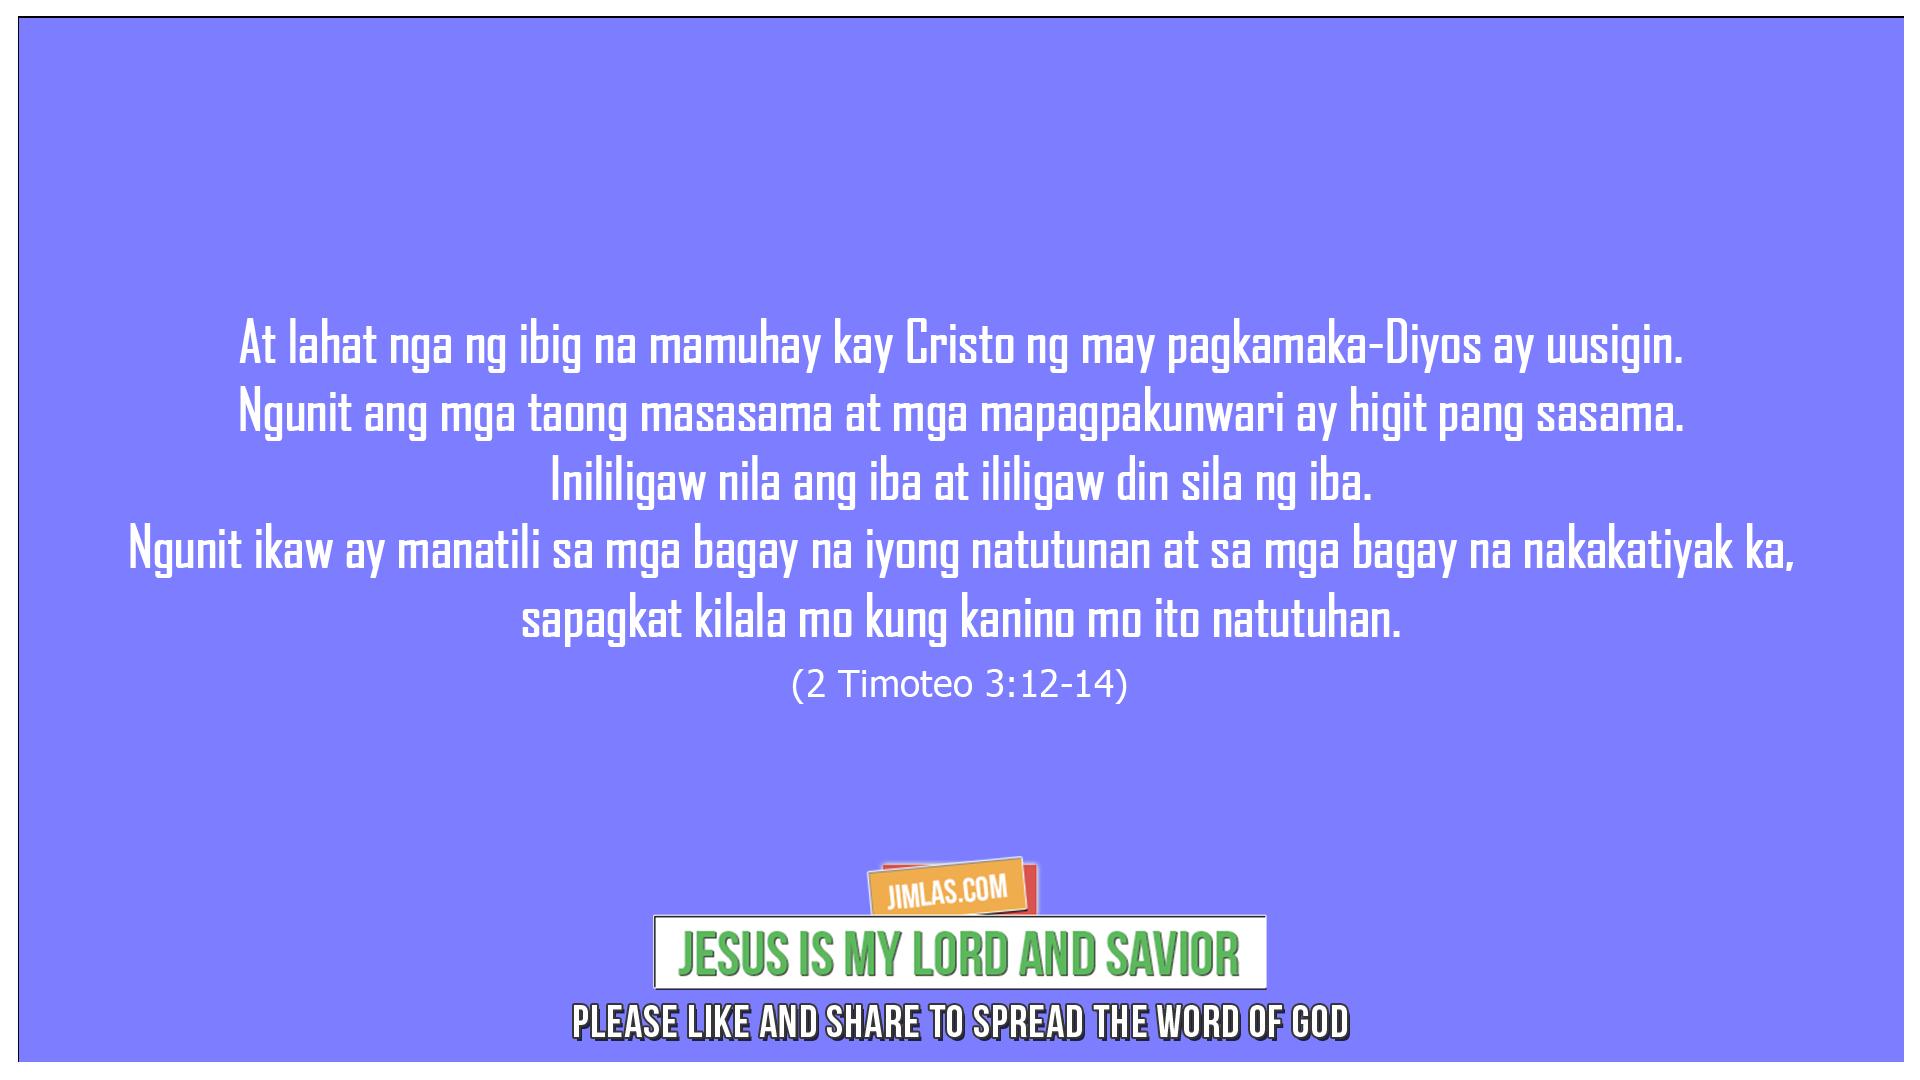 2 Timoteo 3:12-14, 2 Timoteo 3:12-14